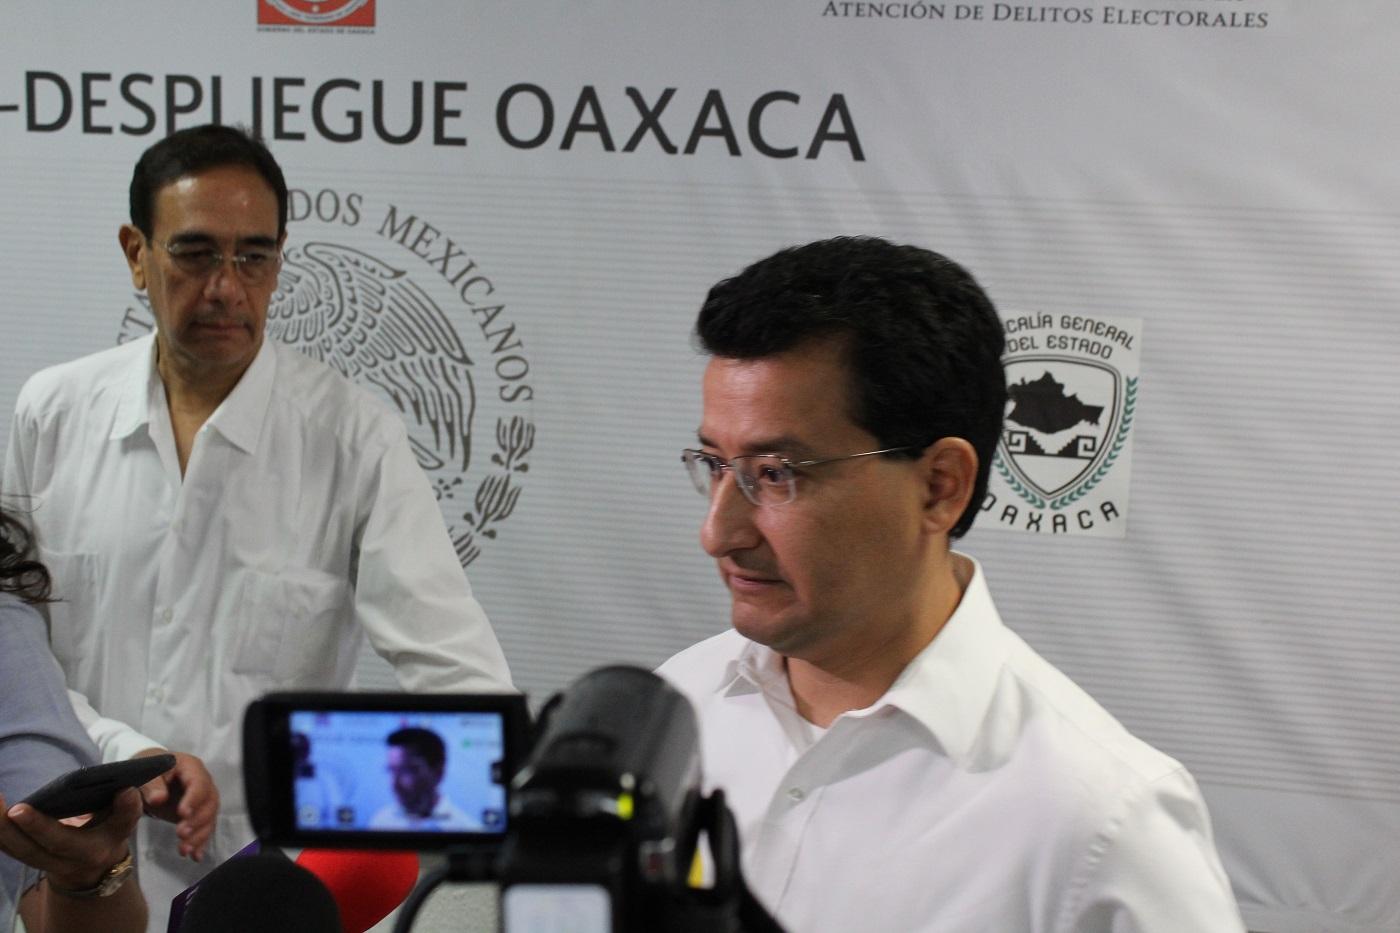 Piden rescate millonario por uno de los seis jóvenes desaparecidos en Oaxaca